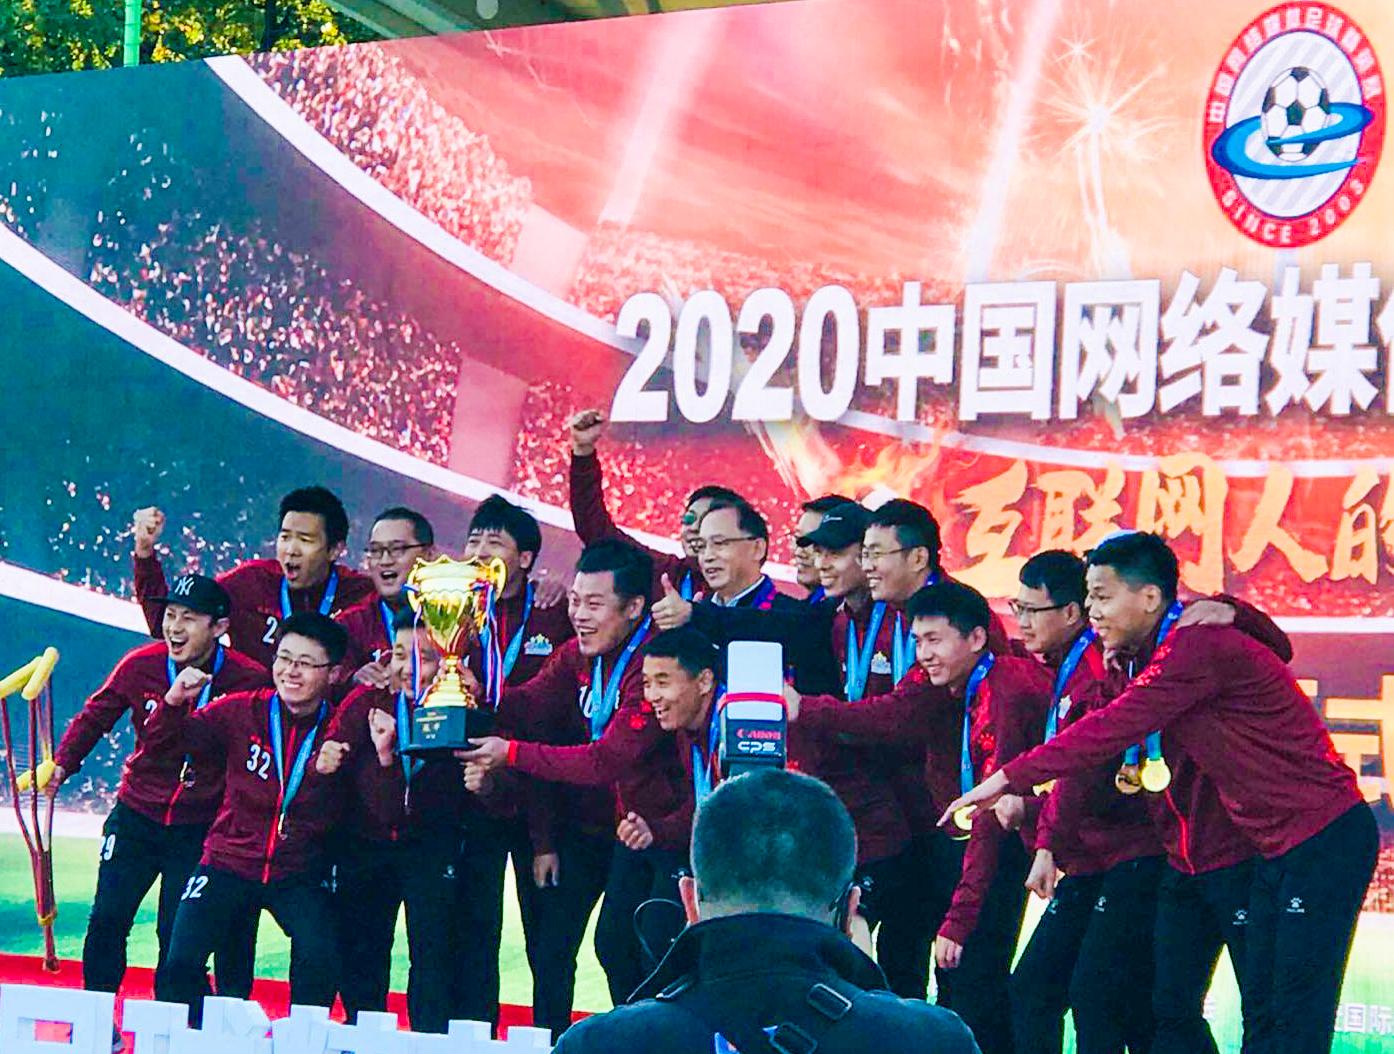 凤凰网勇亚愽真人网夺中国网络杯第八冠!点球大战6-5击败腾讯网